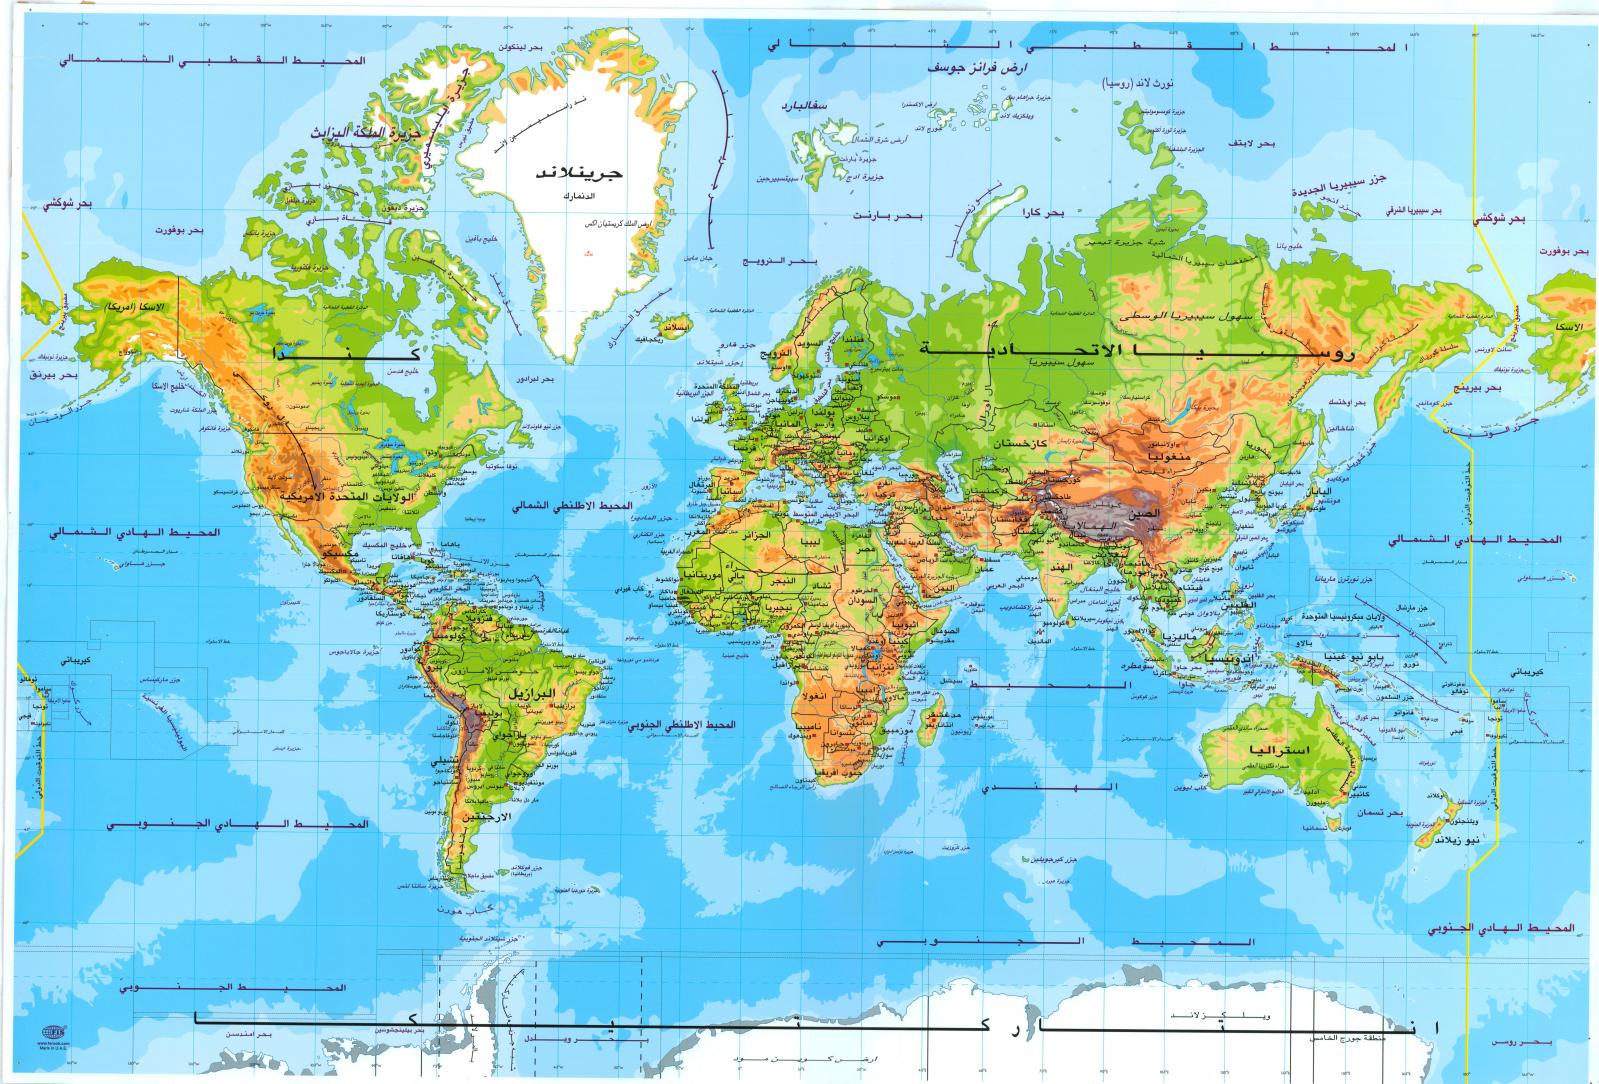 خريطة العالم ملونة باللغة العربية